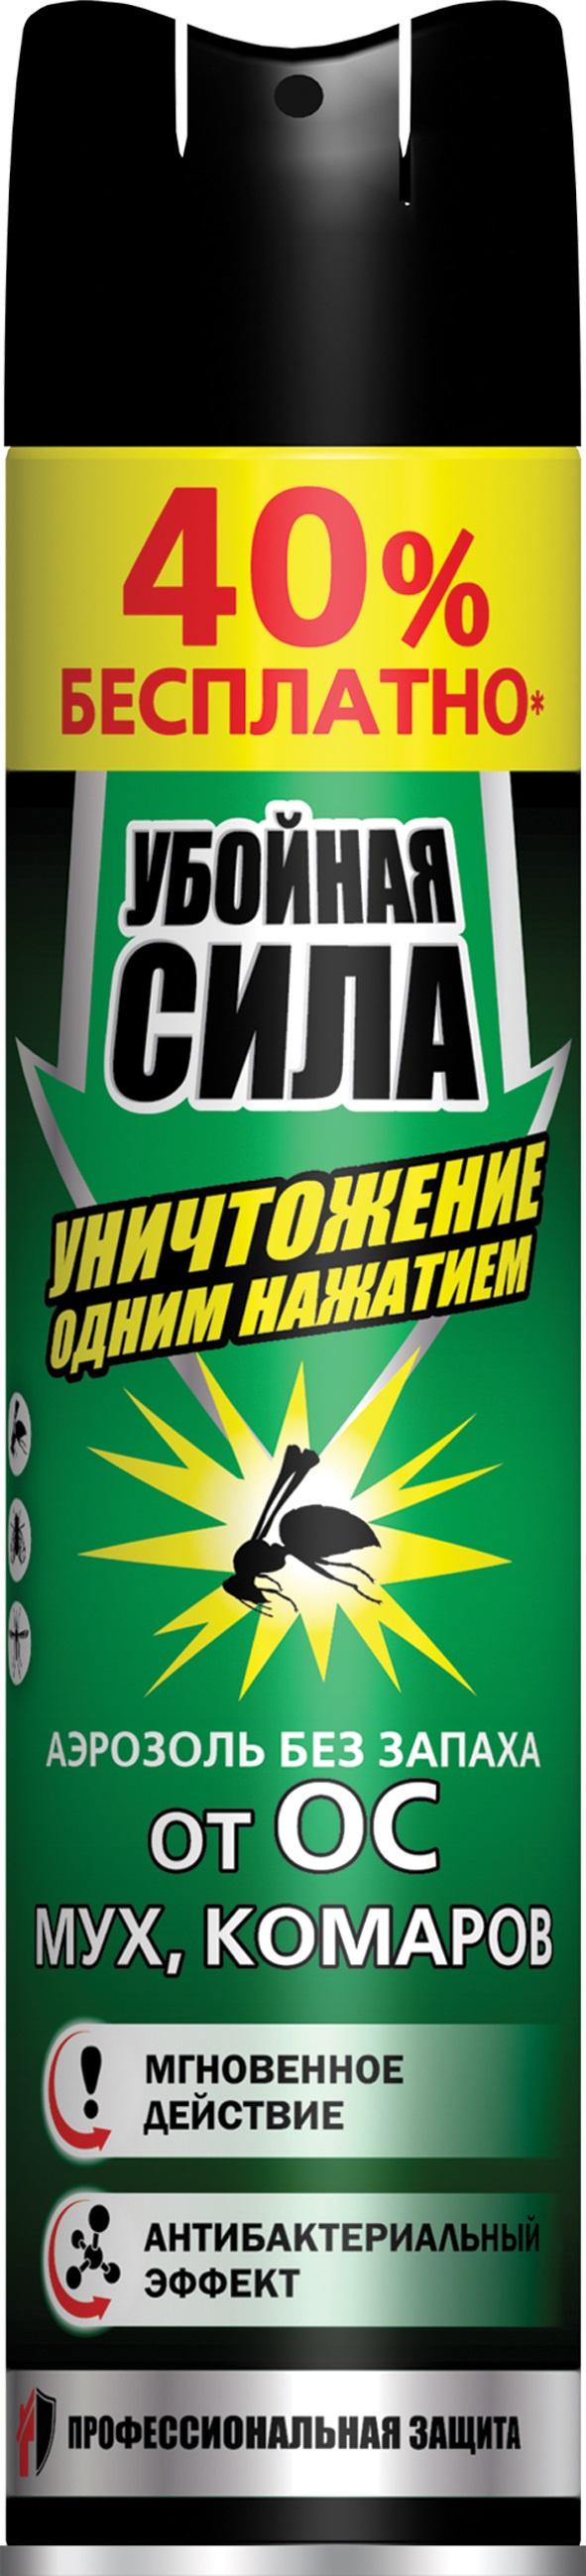 Аэрозоль Убойная сила Extra, 200 мл + 80 мл. бесплатно аэрозоль от насекомых убойная сила extra 200мл